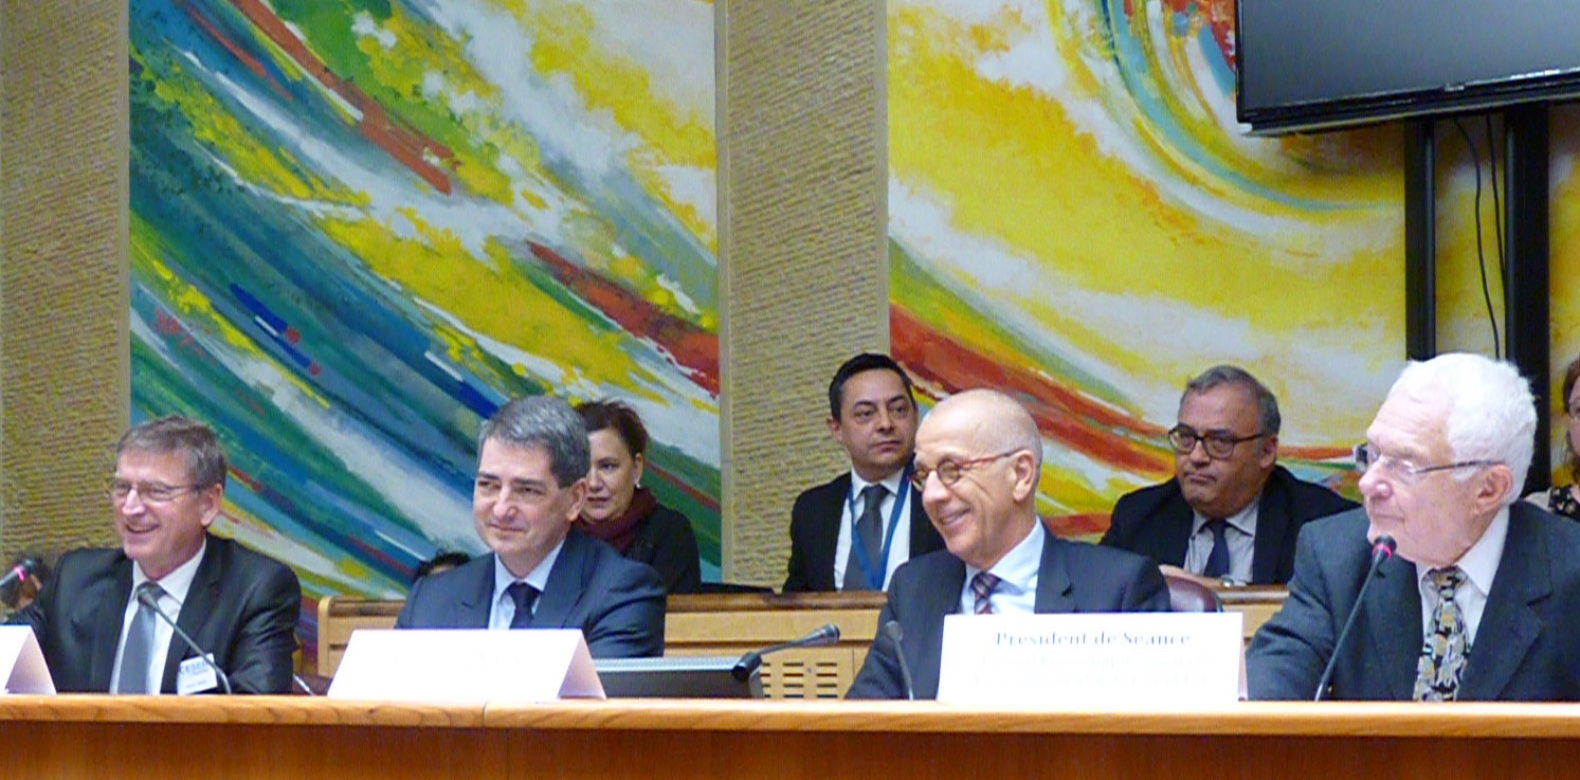 Patrick Tassin réélu Président de l'Assemblée des socioprofessionnels du Grand Est